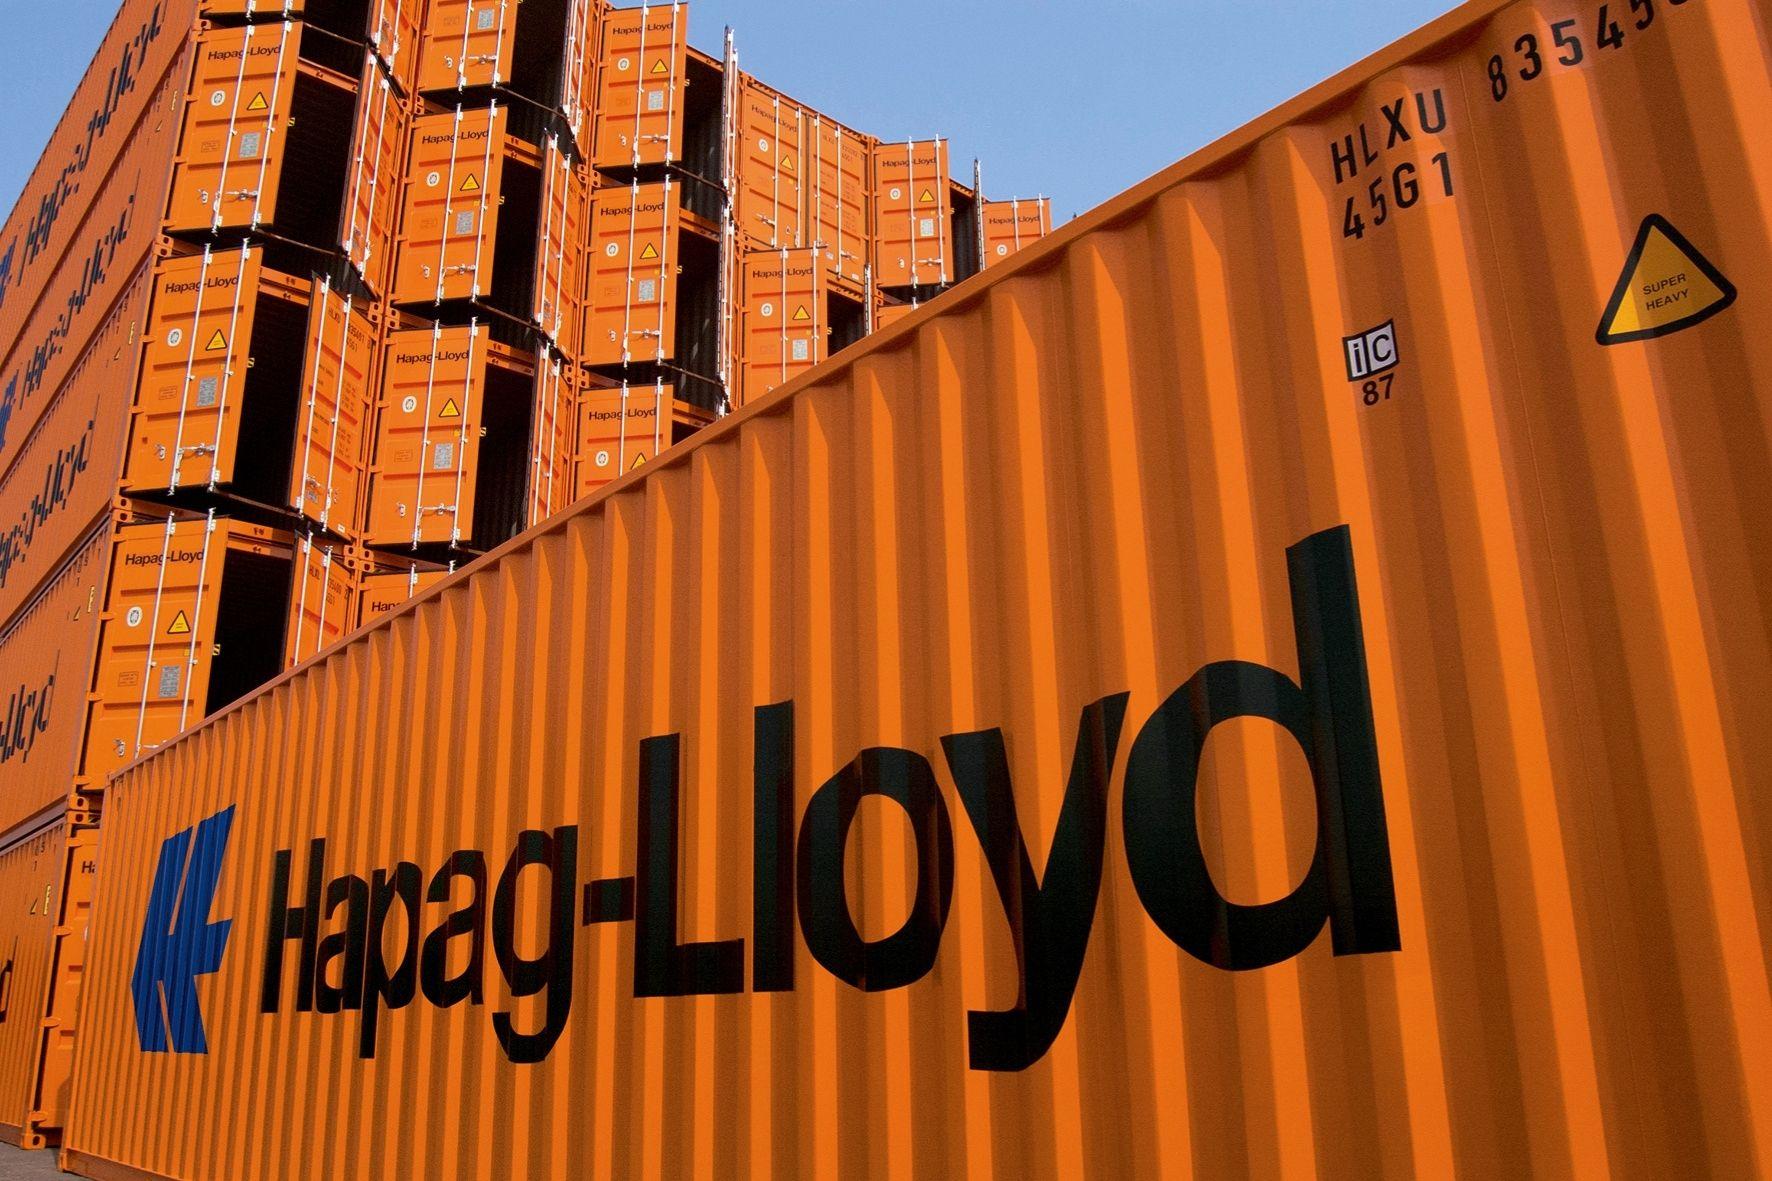 Hapag-Lloyd encomenda 75 mil contêineres para alívio de escassez nos portos